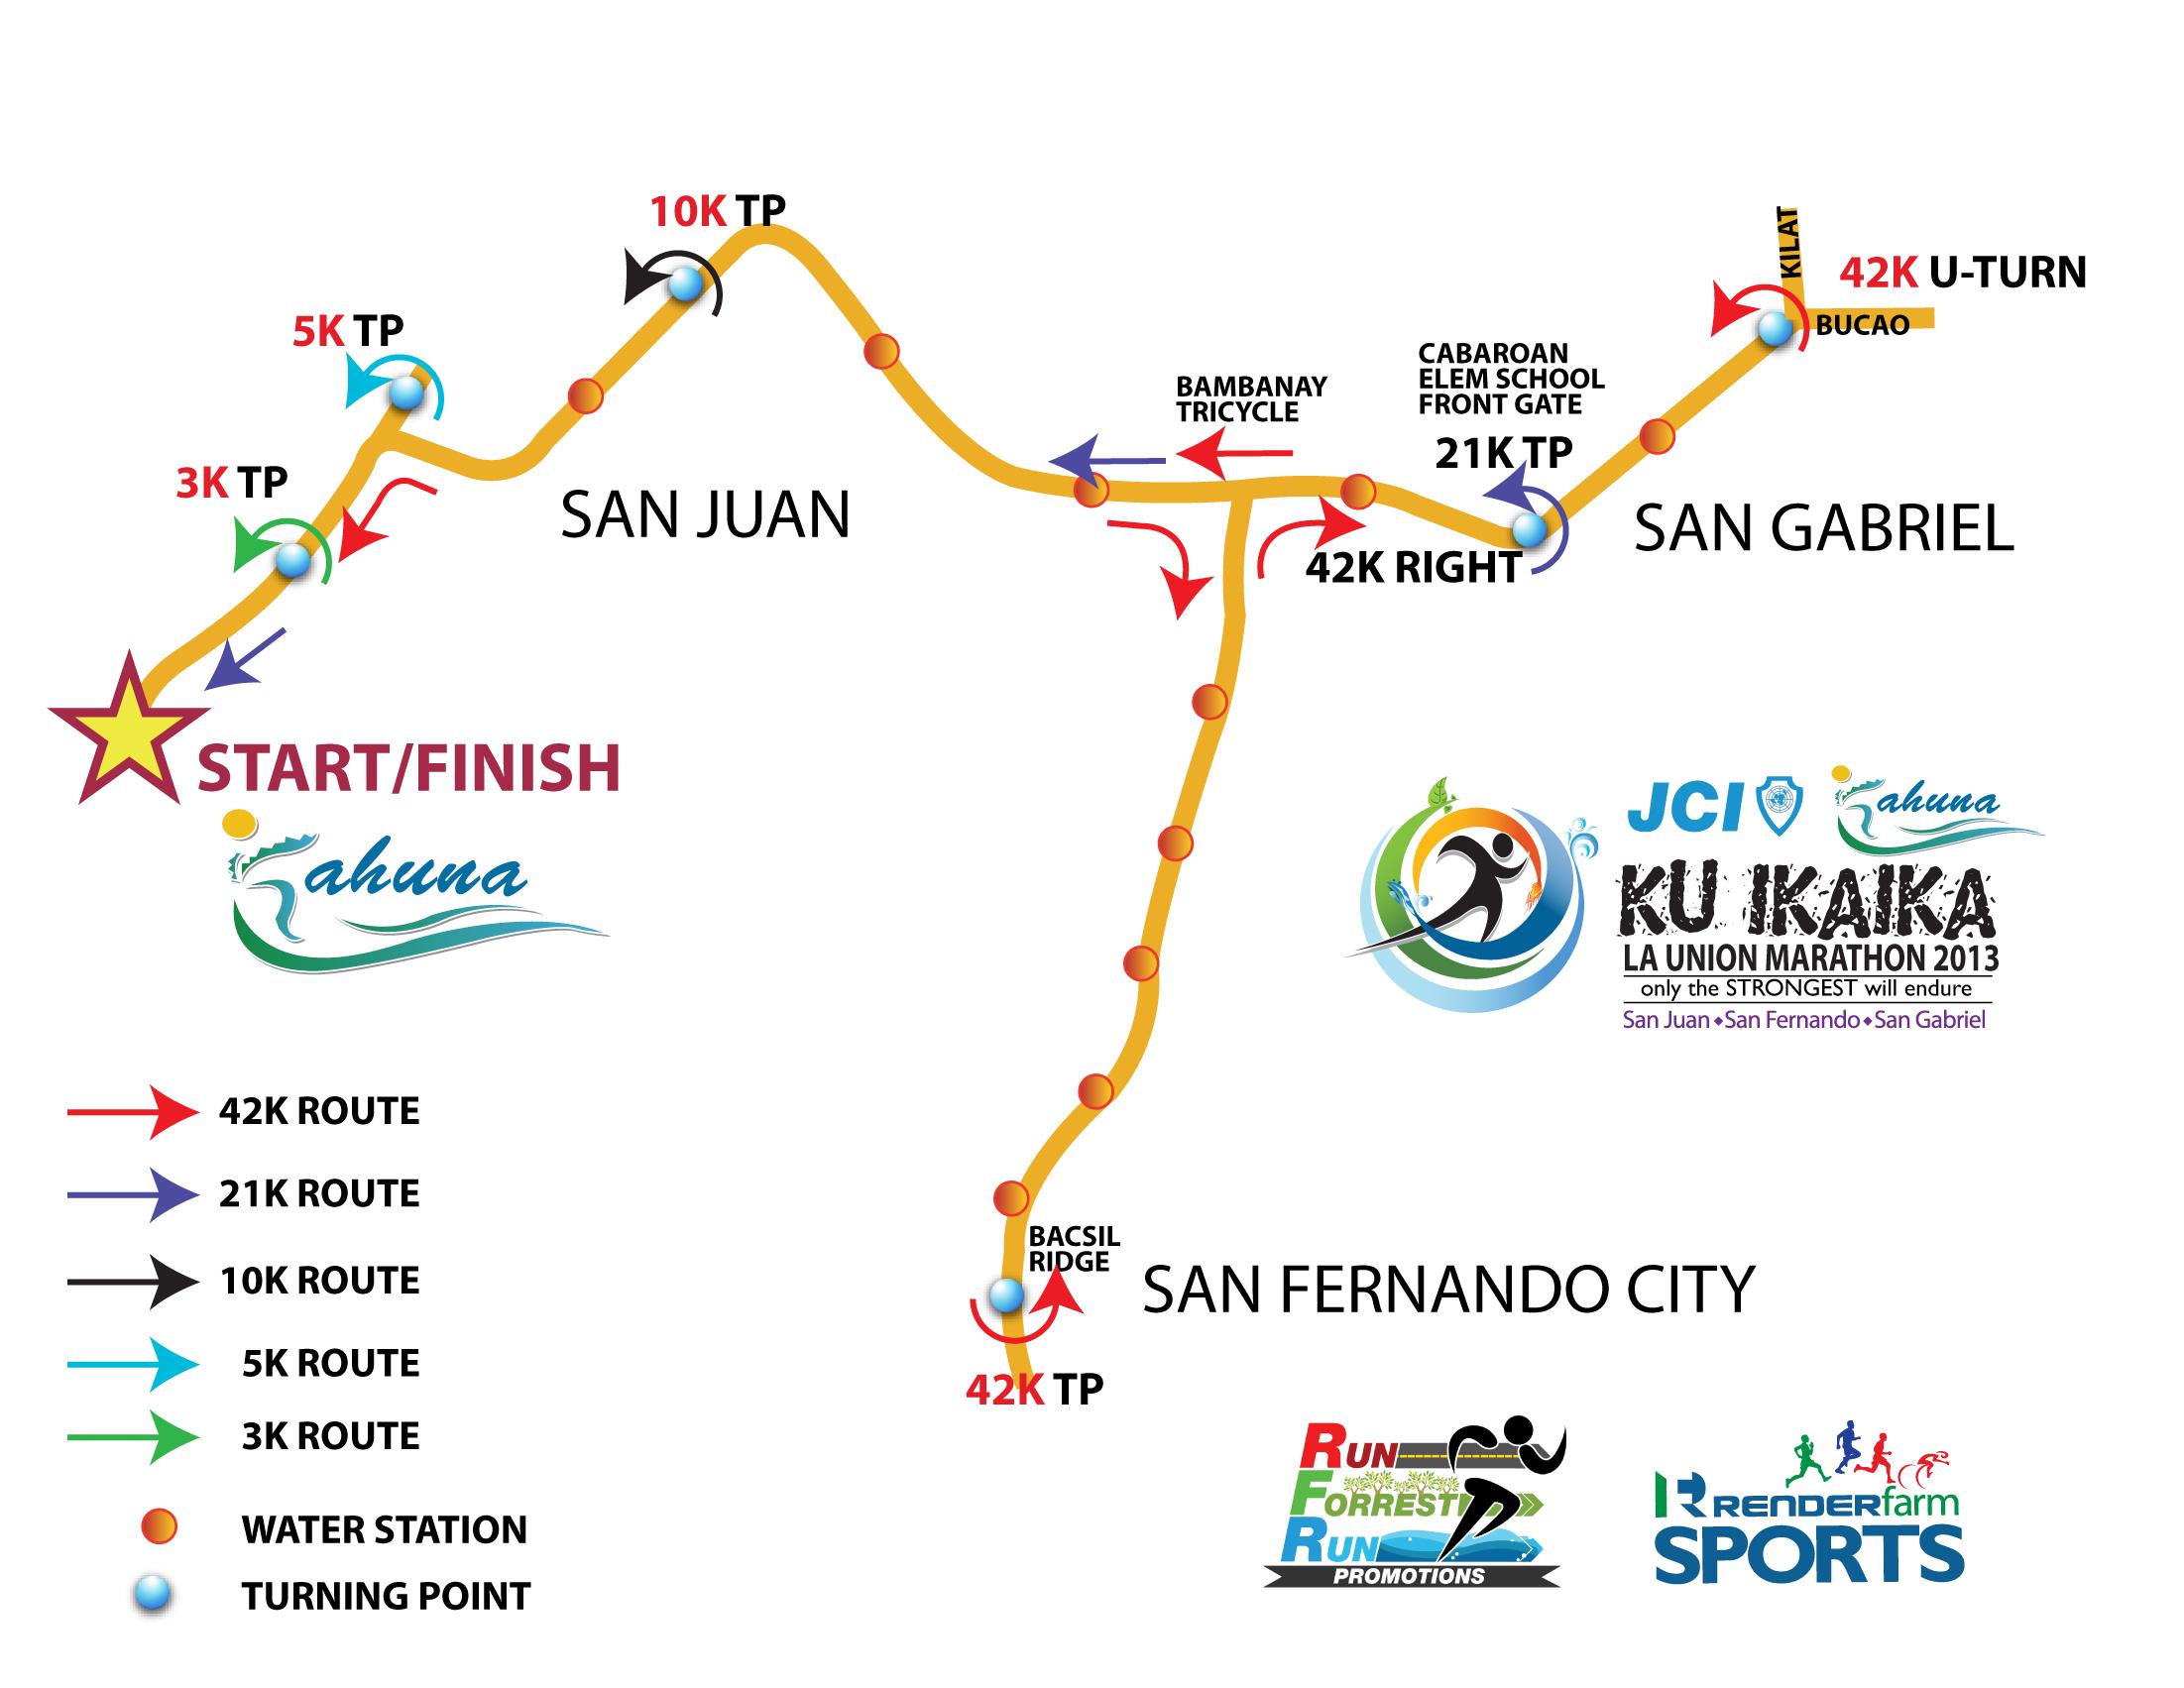 KU IKAIKA Marathon La Union Pinoy Fitness - Launion map